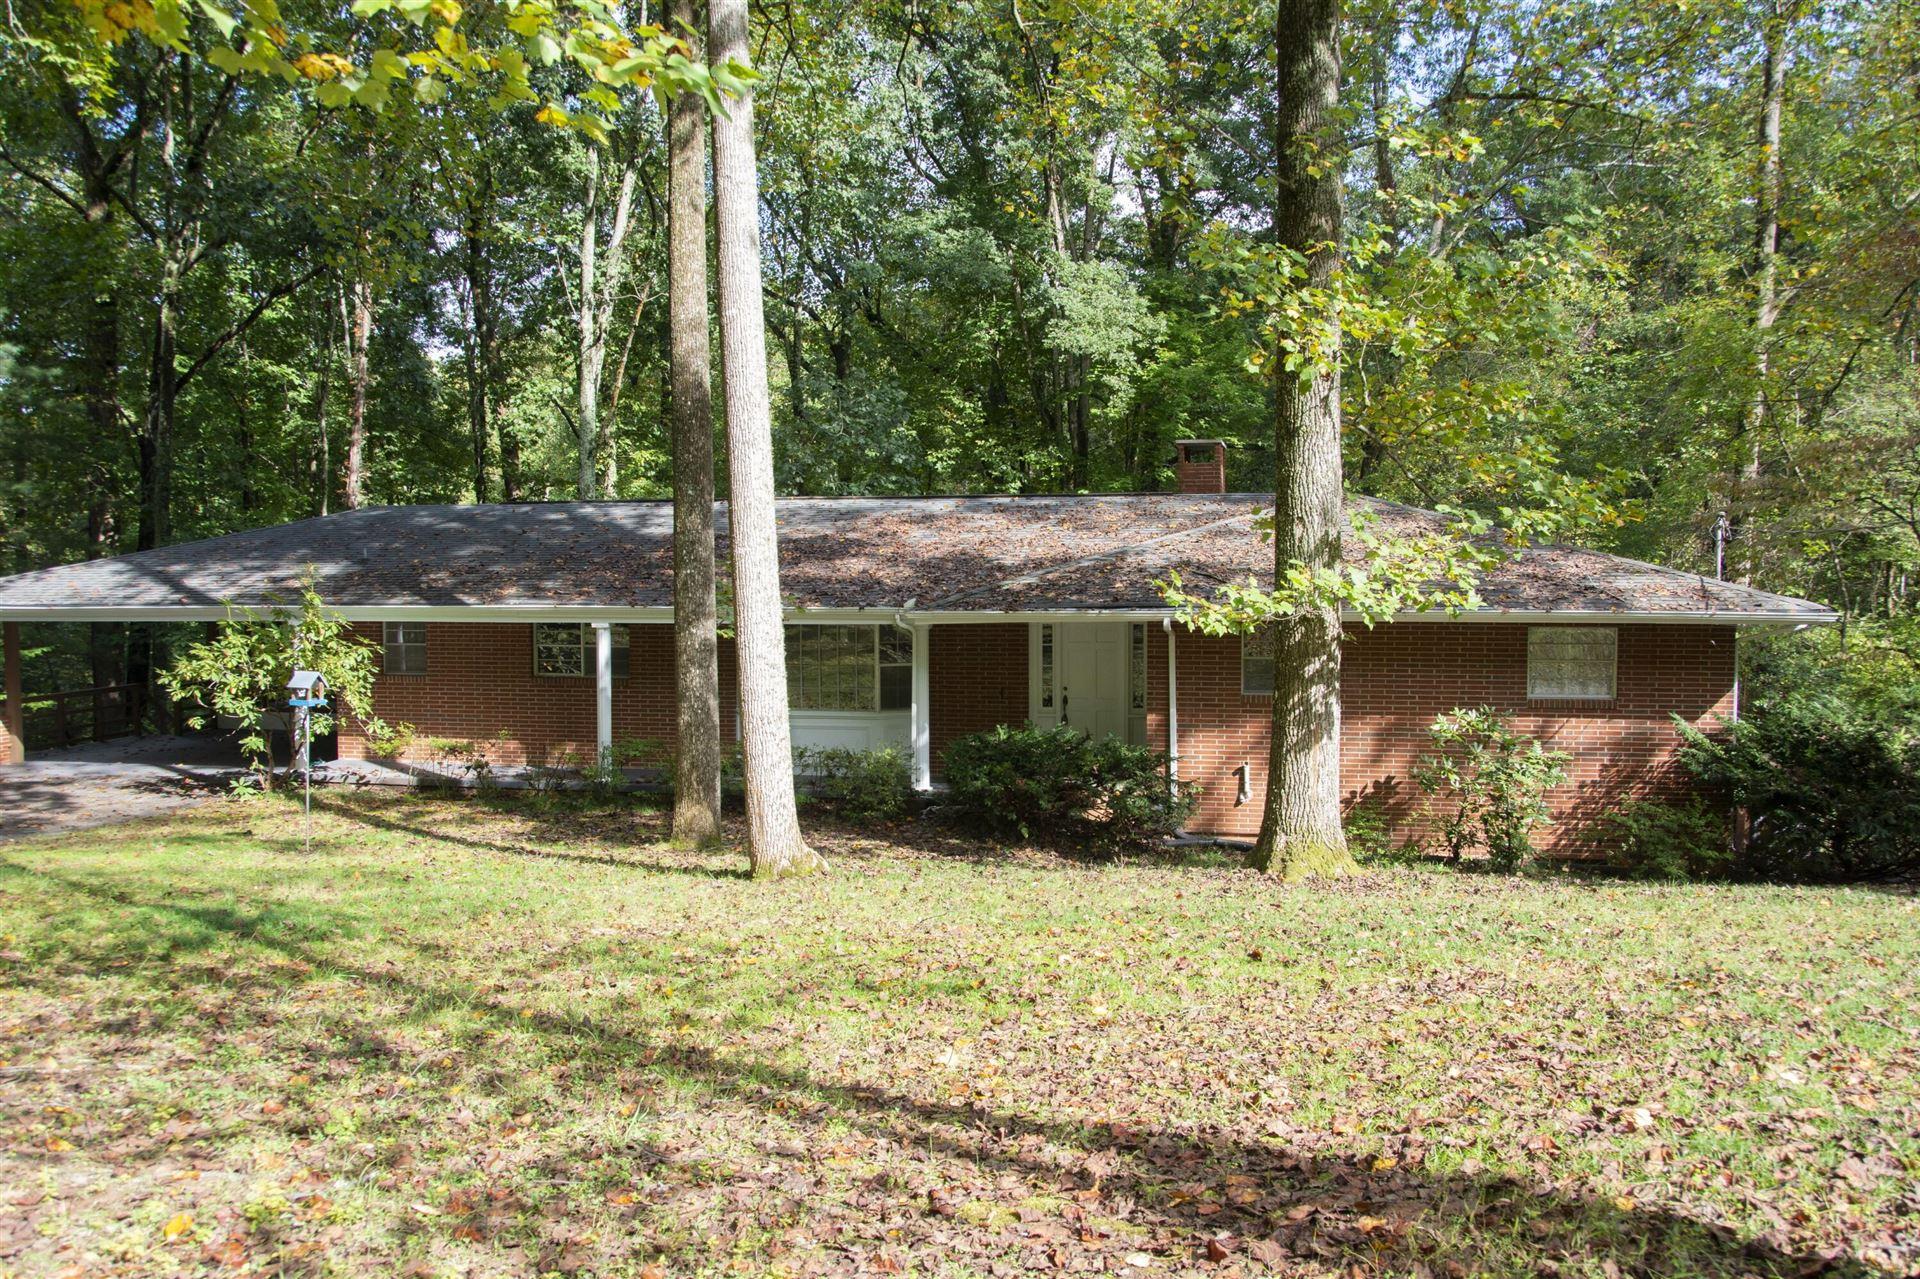 Photo of 102 Wilderness Lane, Oak Ridge, TN 37830 (MLS # 1170325)